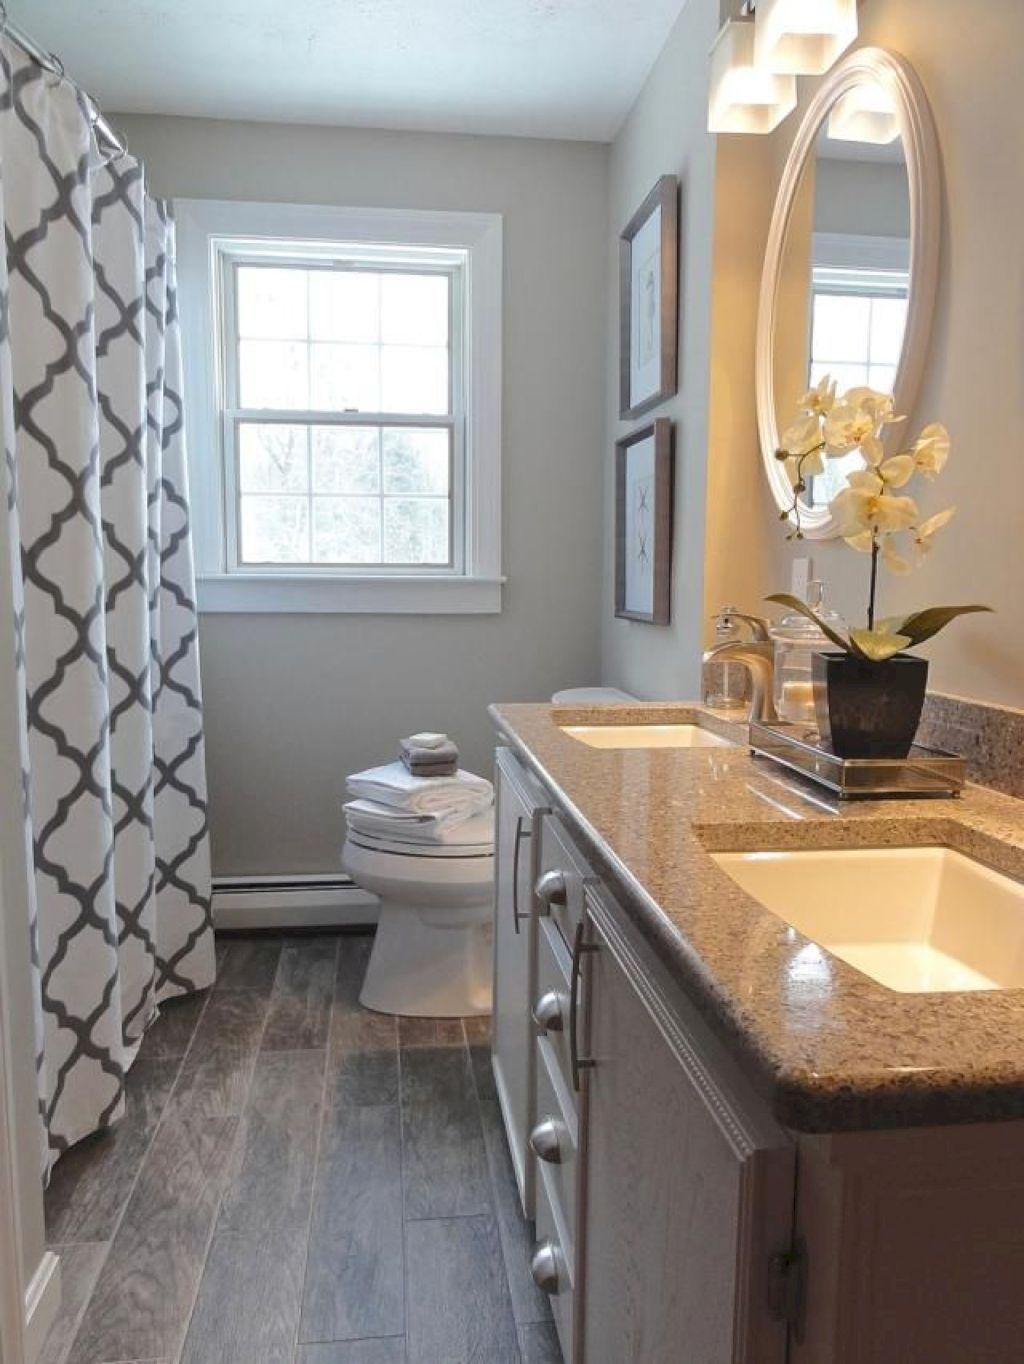 awesome small bathroom design ideas bathroom ideas u remodel